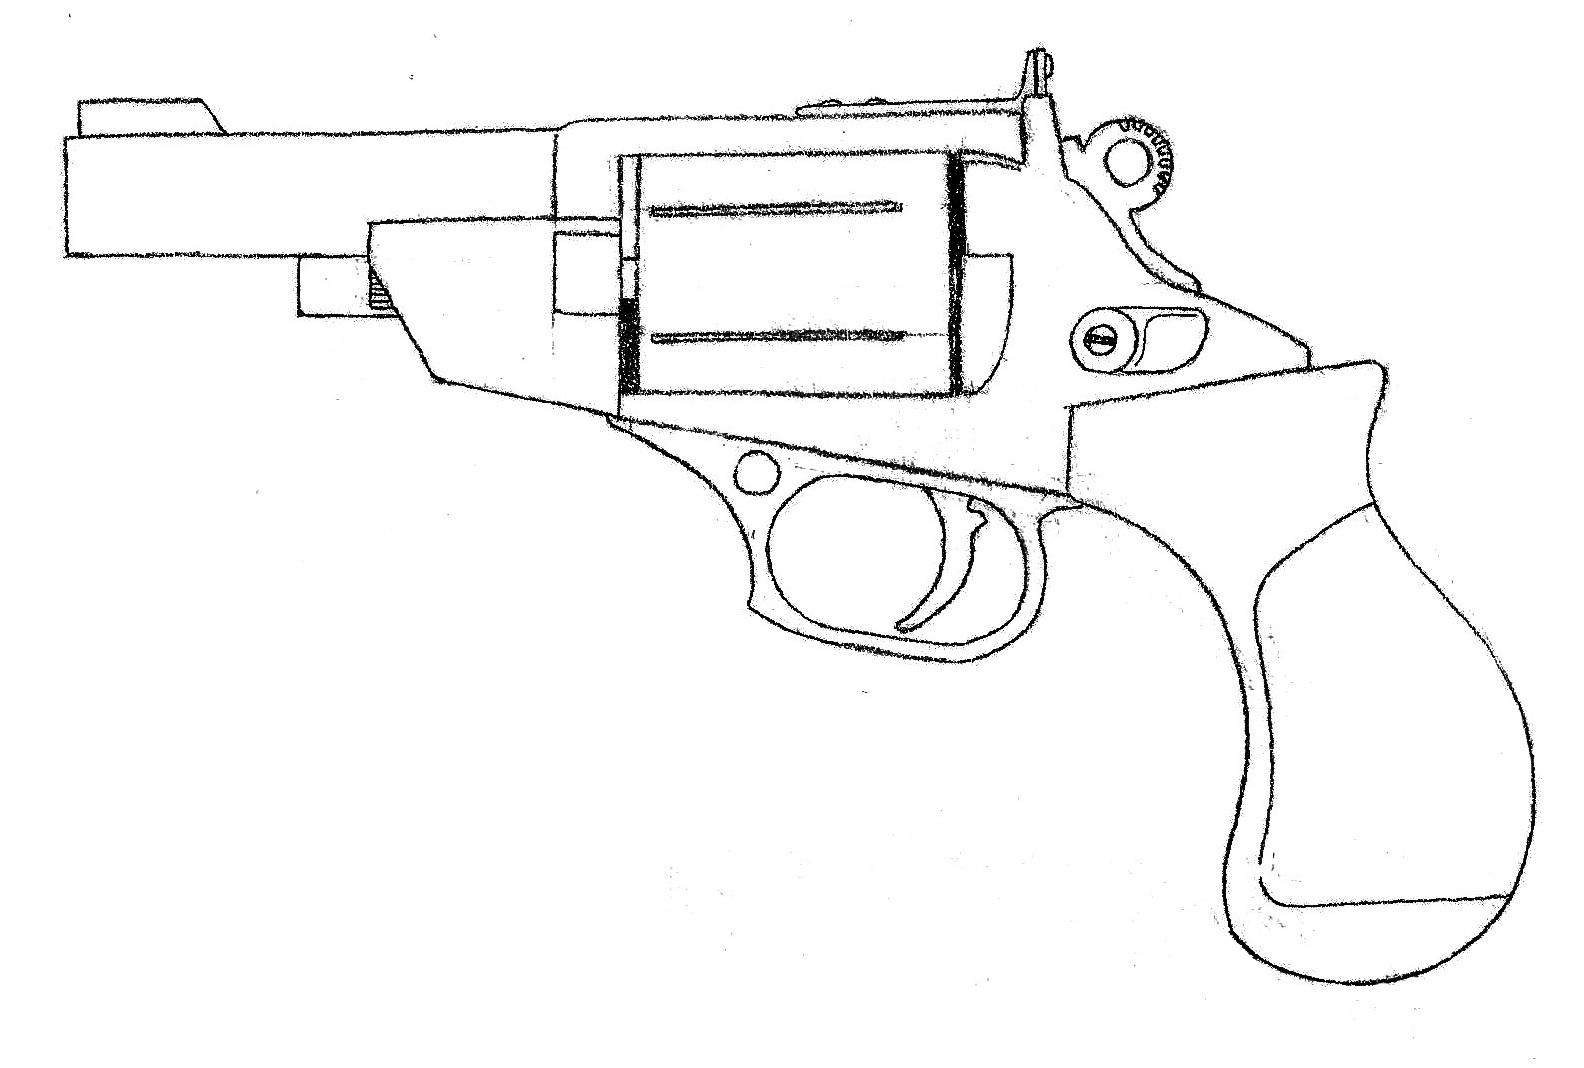 357 Magnum Drawing At Getdrawings